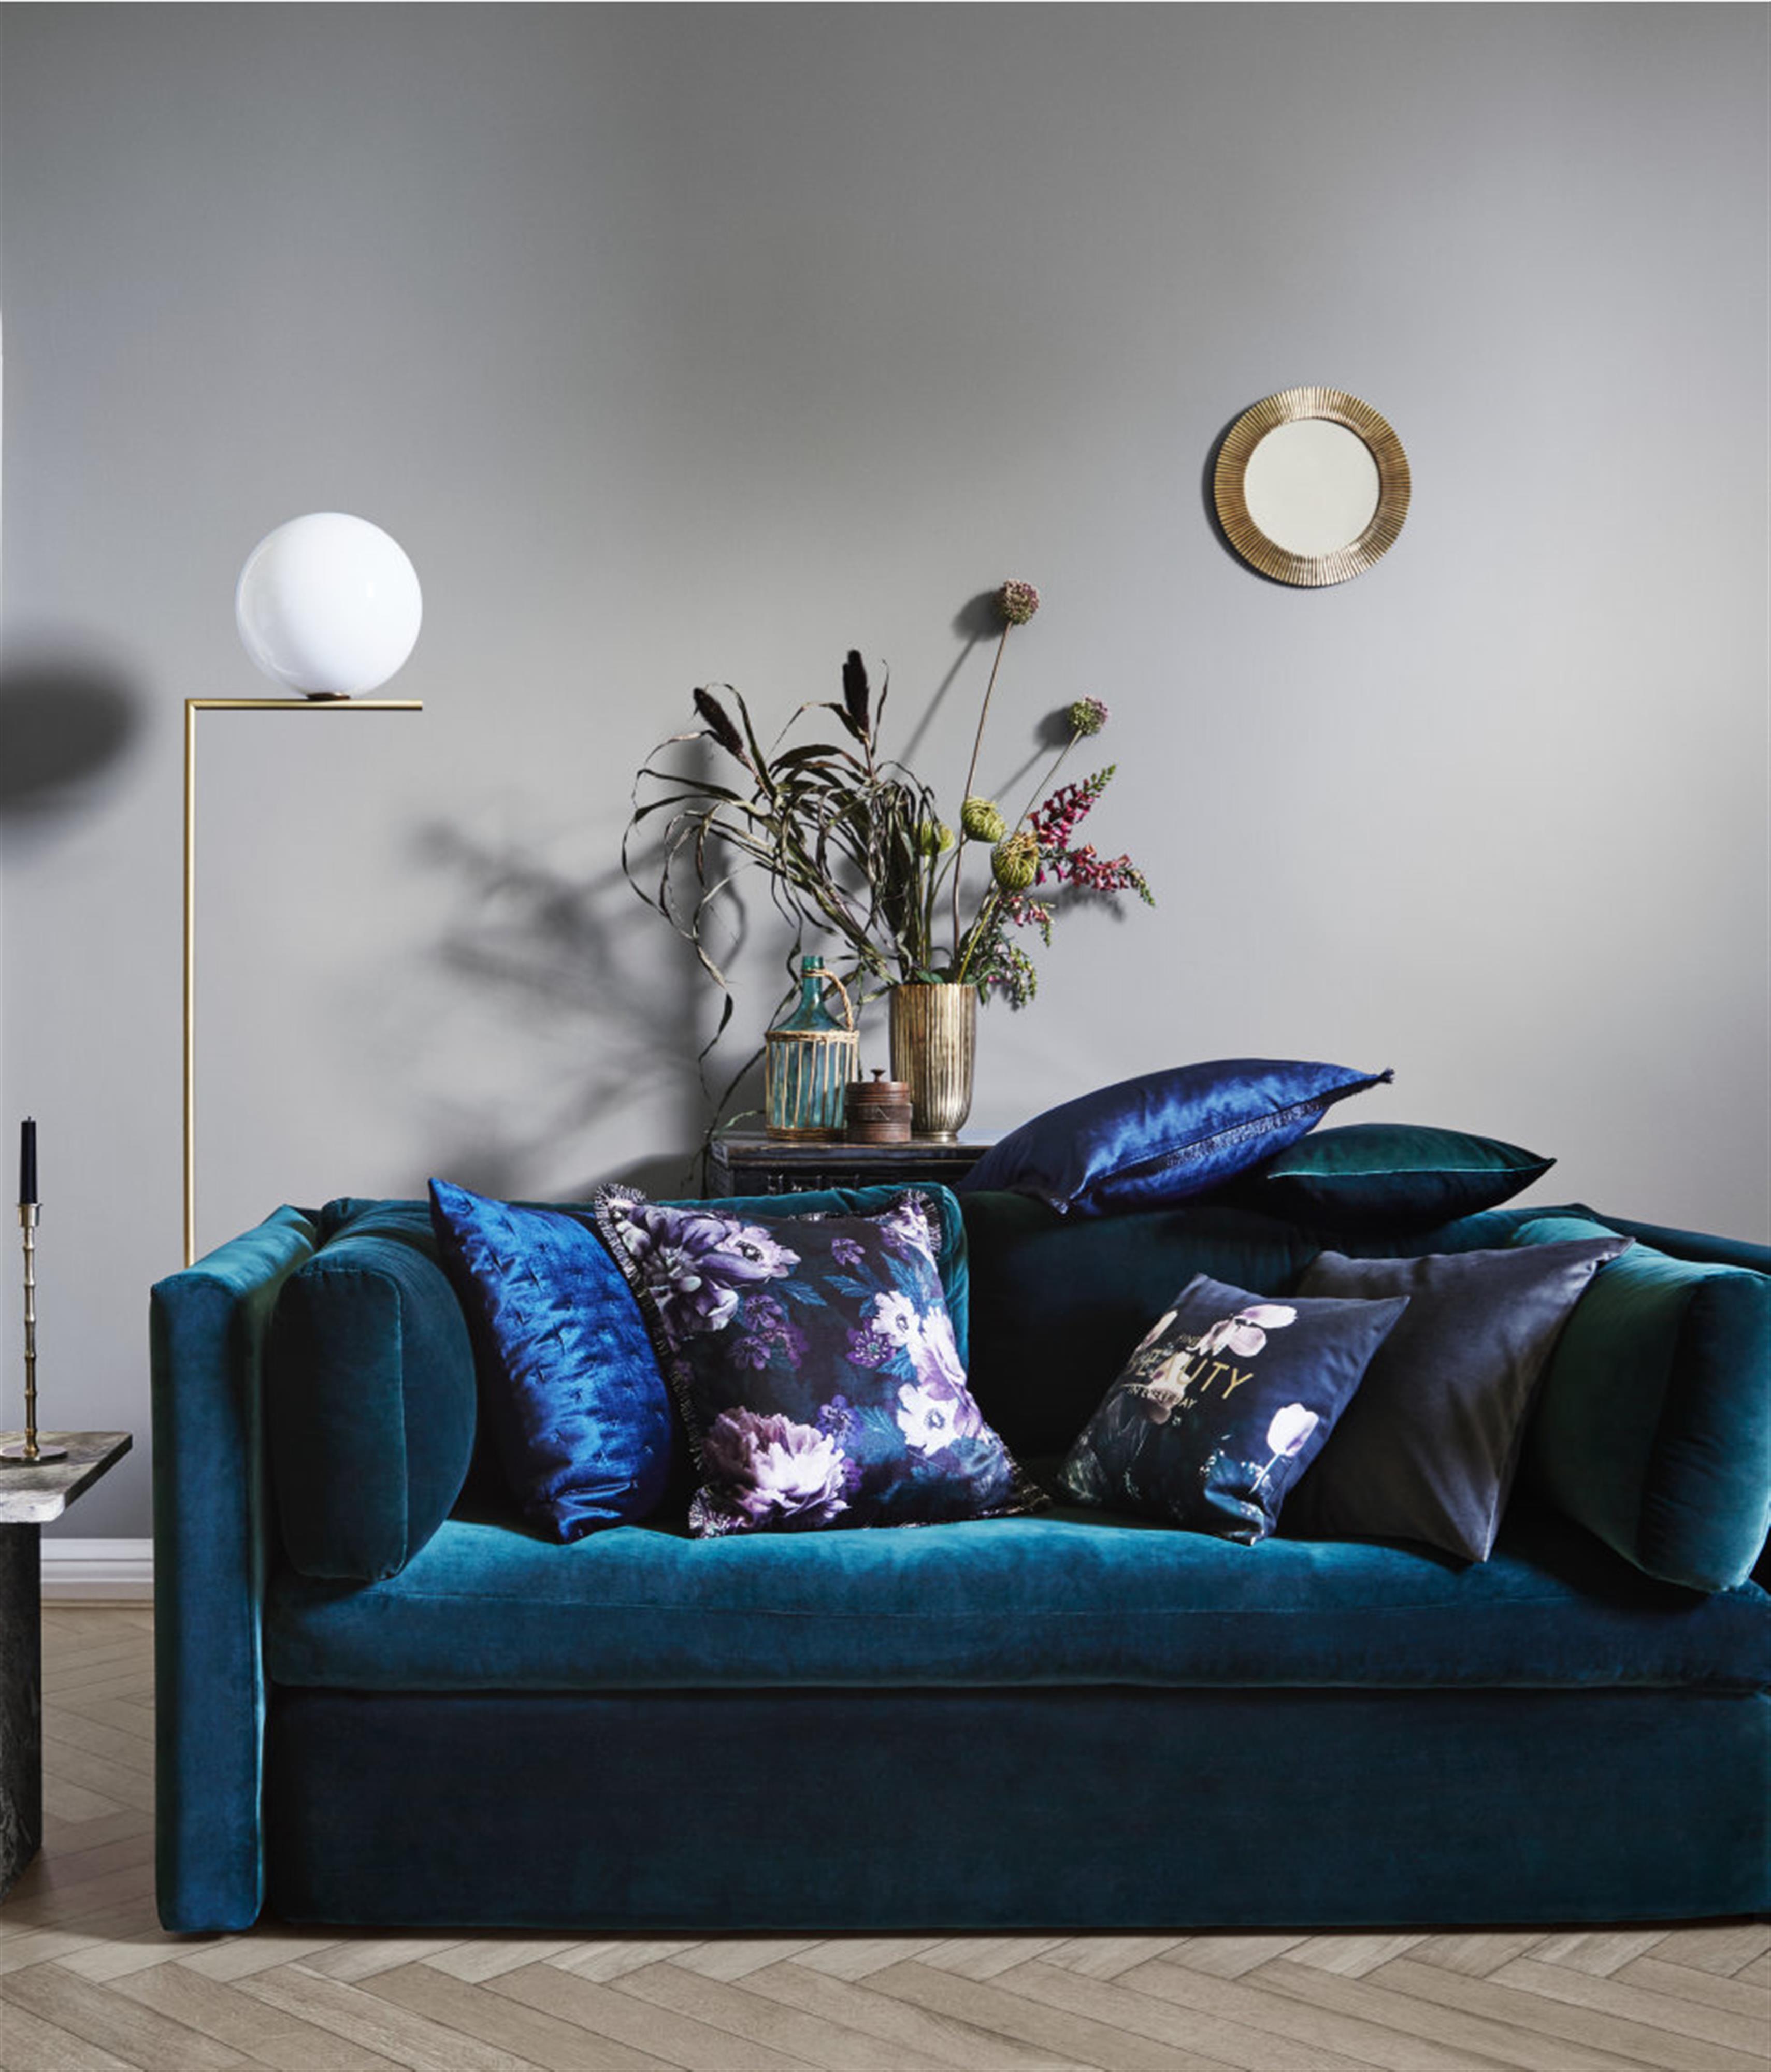 למתקדמים: שילוב של קטיפה עם הדפסים פרחוניים (צילום: הנס מוריץ, באדיבות H&M Home) (צילום: הנס מוריץ, באדיבות H&M Home)